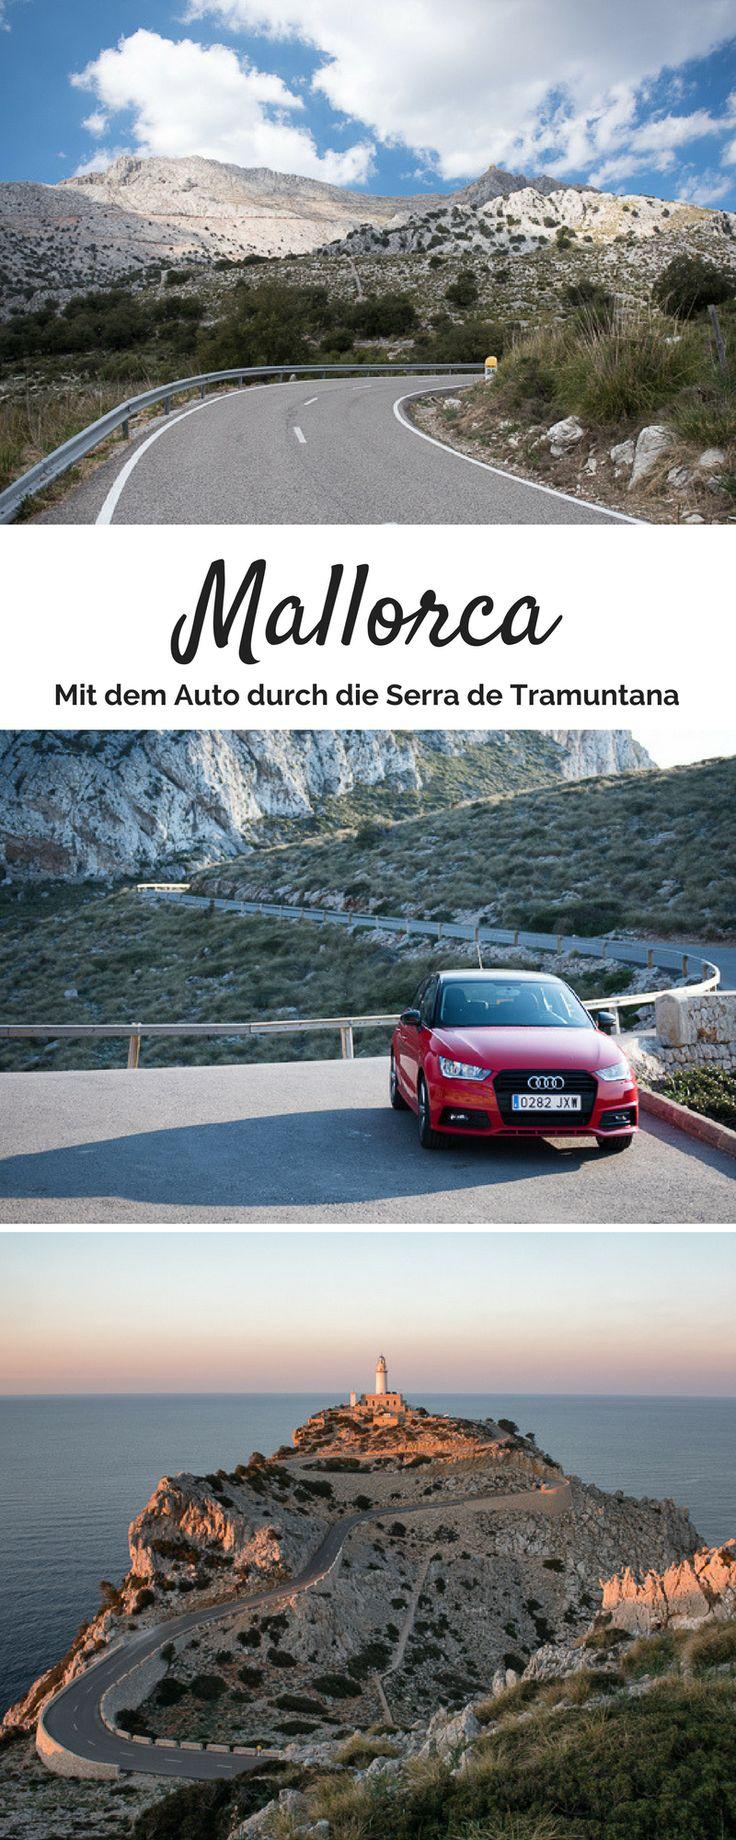 Mit dem Auto durch die Serra de Tramuntana